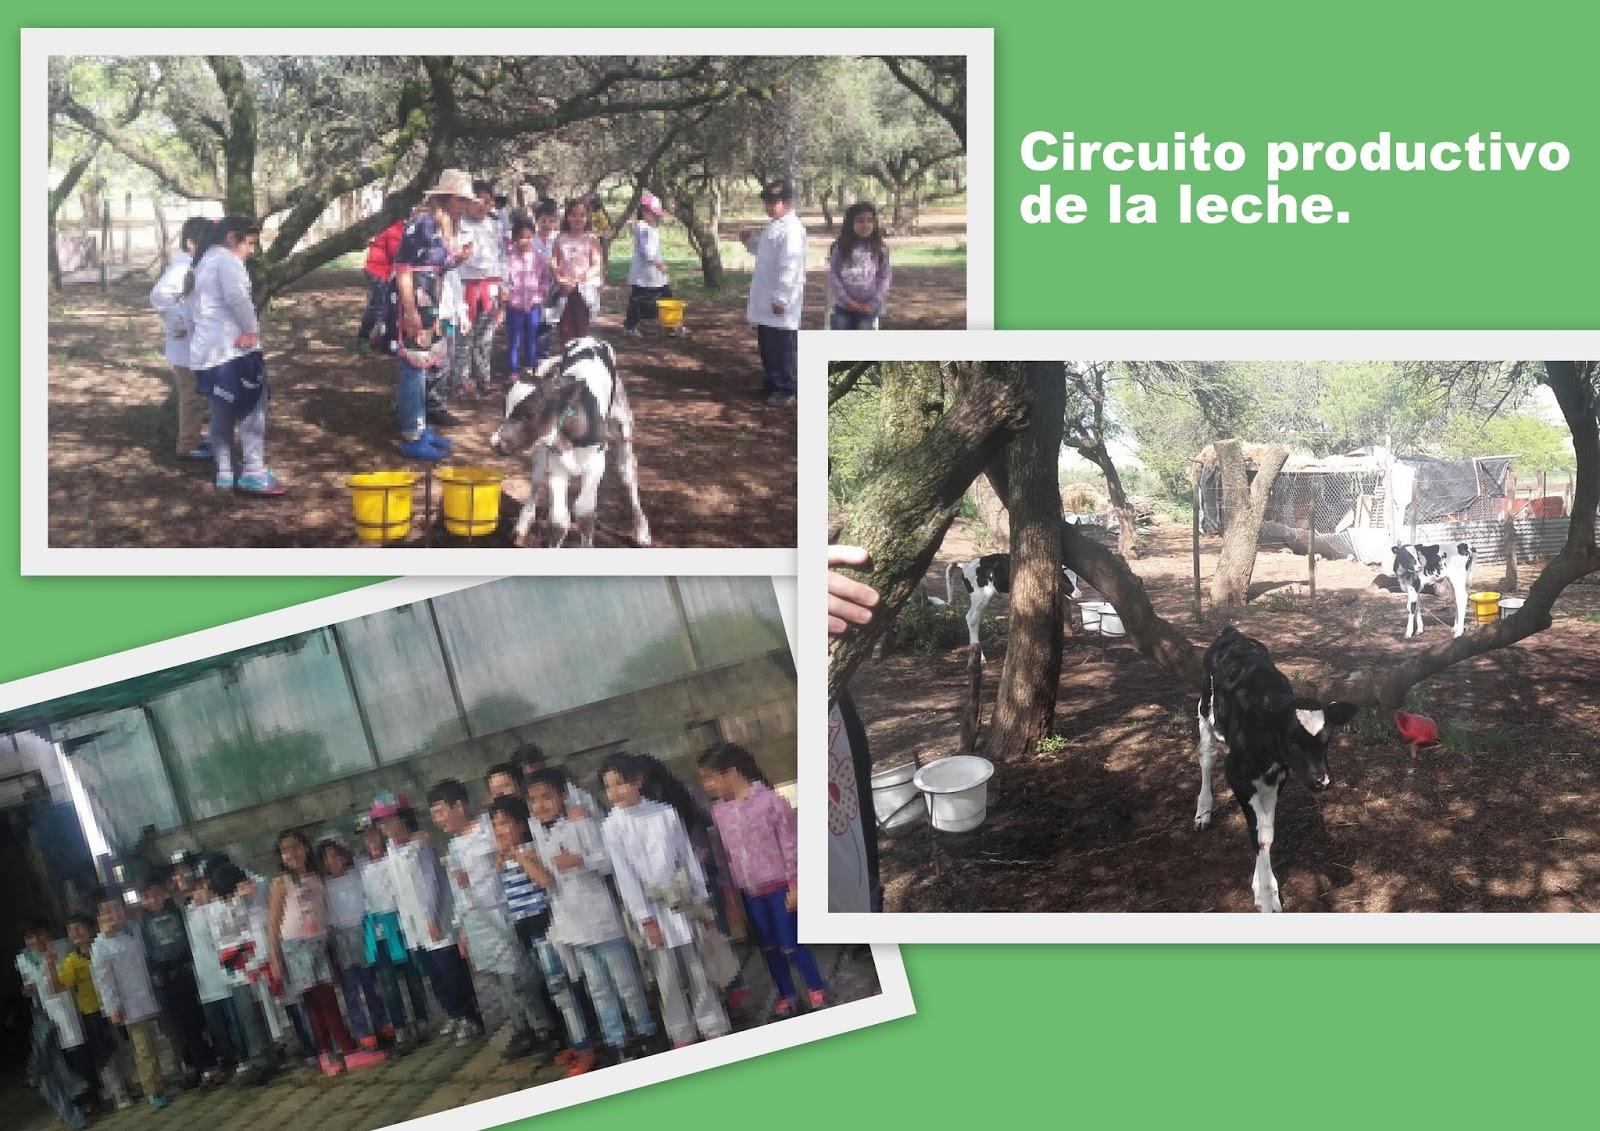 Circuito Productivo De La Leche : Circuitos productivos de argentina